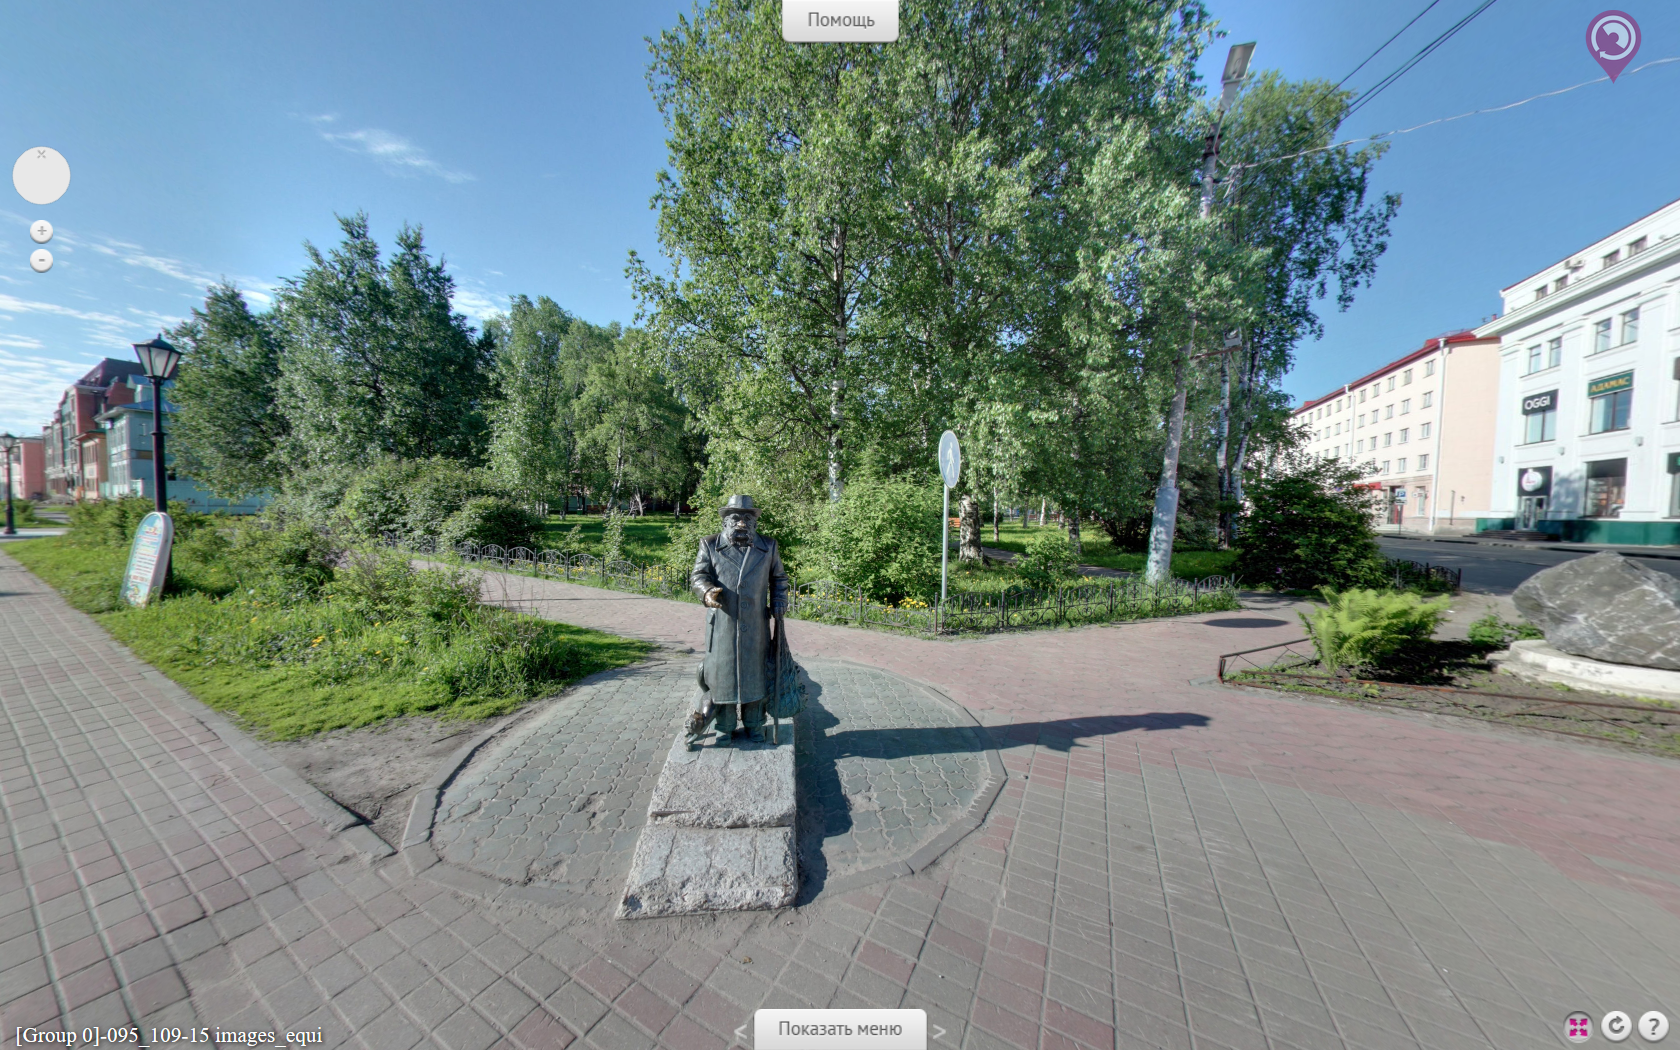 Памятник художнику и писателю С.Г. Писахову/